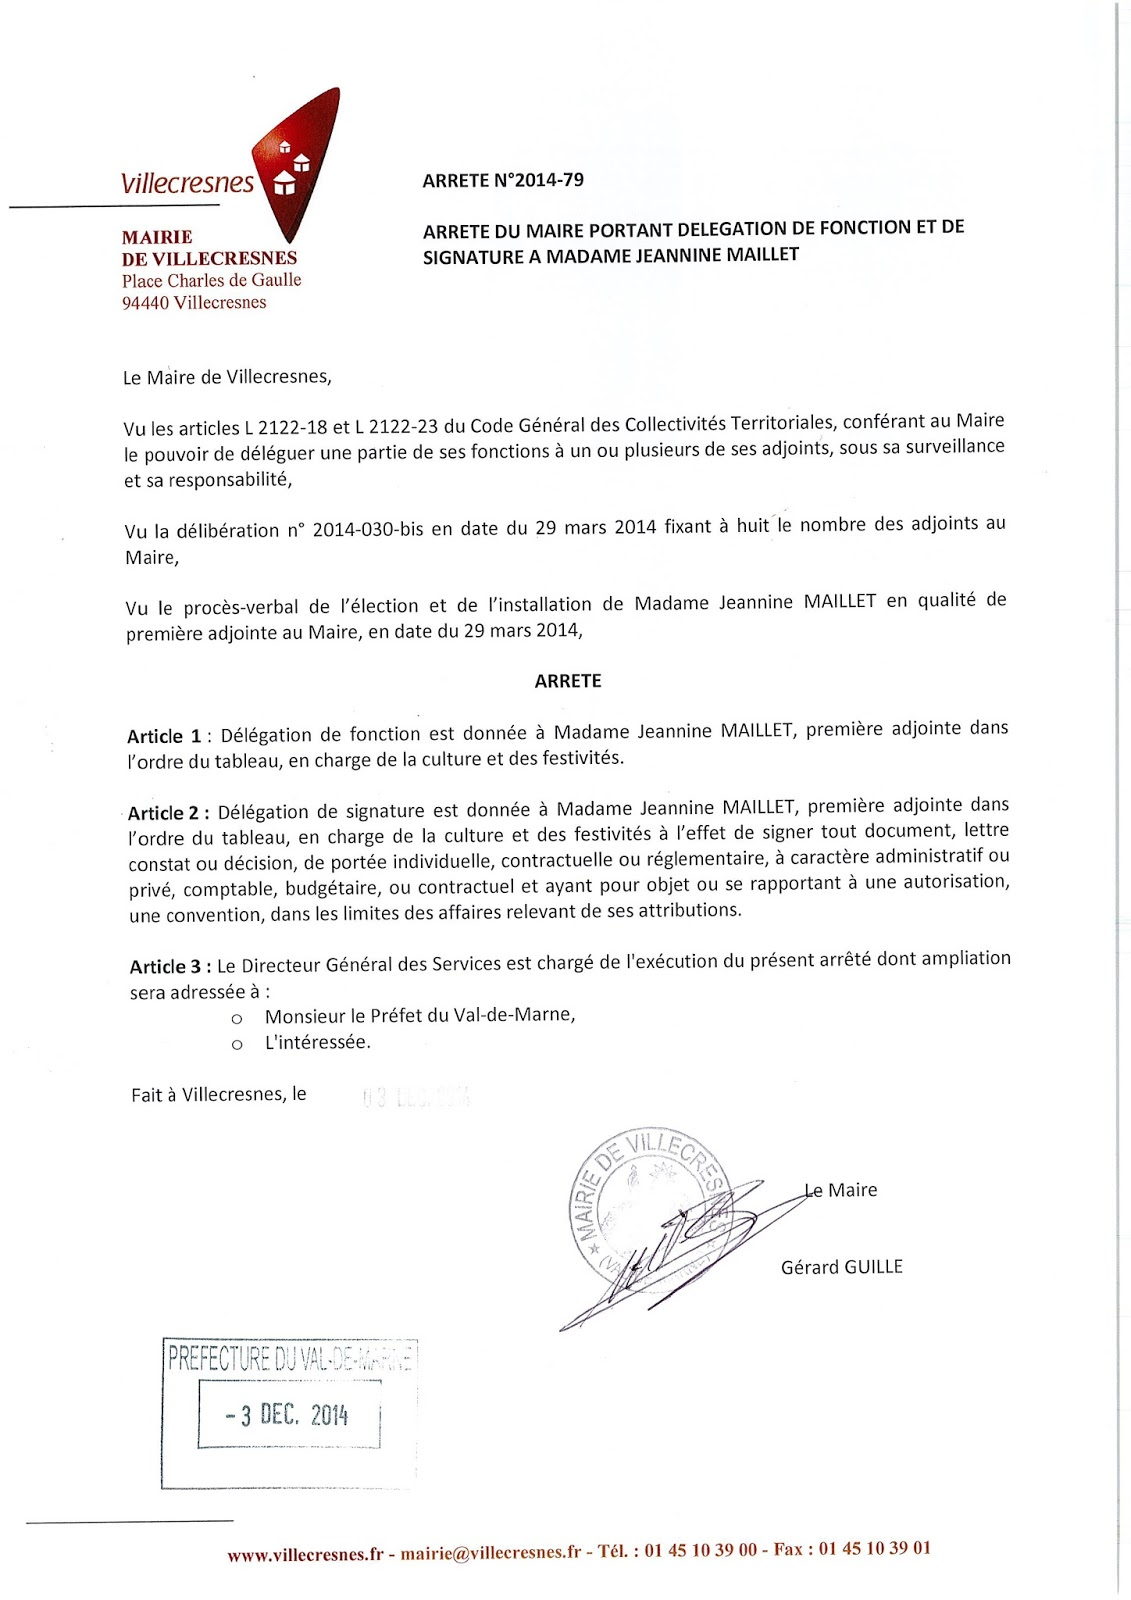 2014-079 Délégation de fonction et de signature à Madame Jeannine Maillet